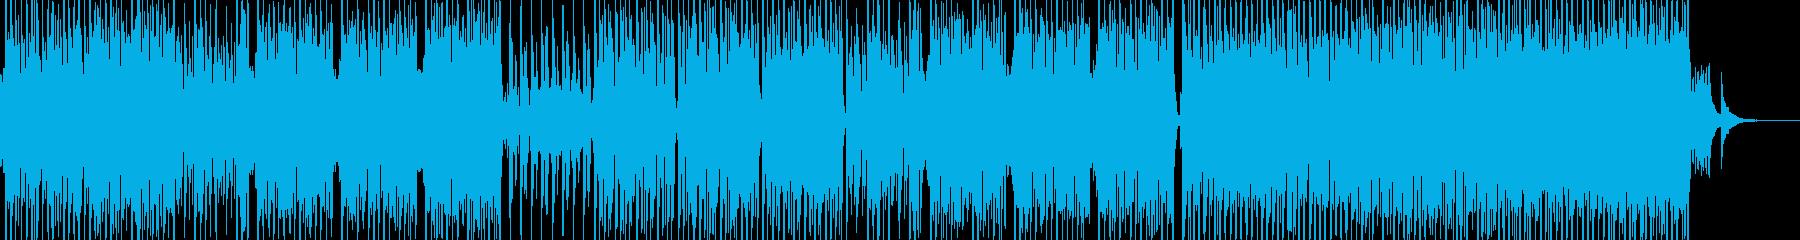 民族的で原始的なテクノポップ エレキ有の再生済みの波形